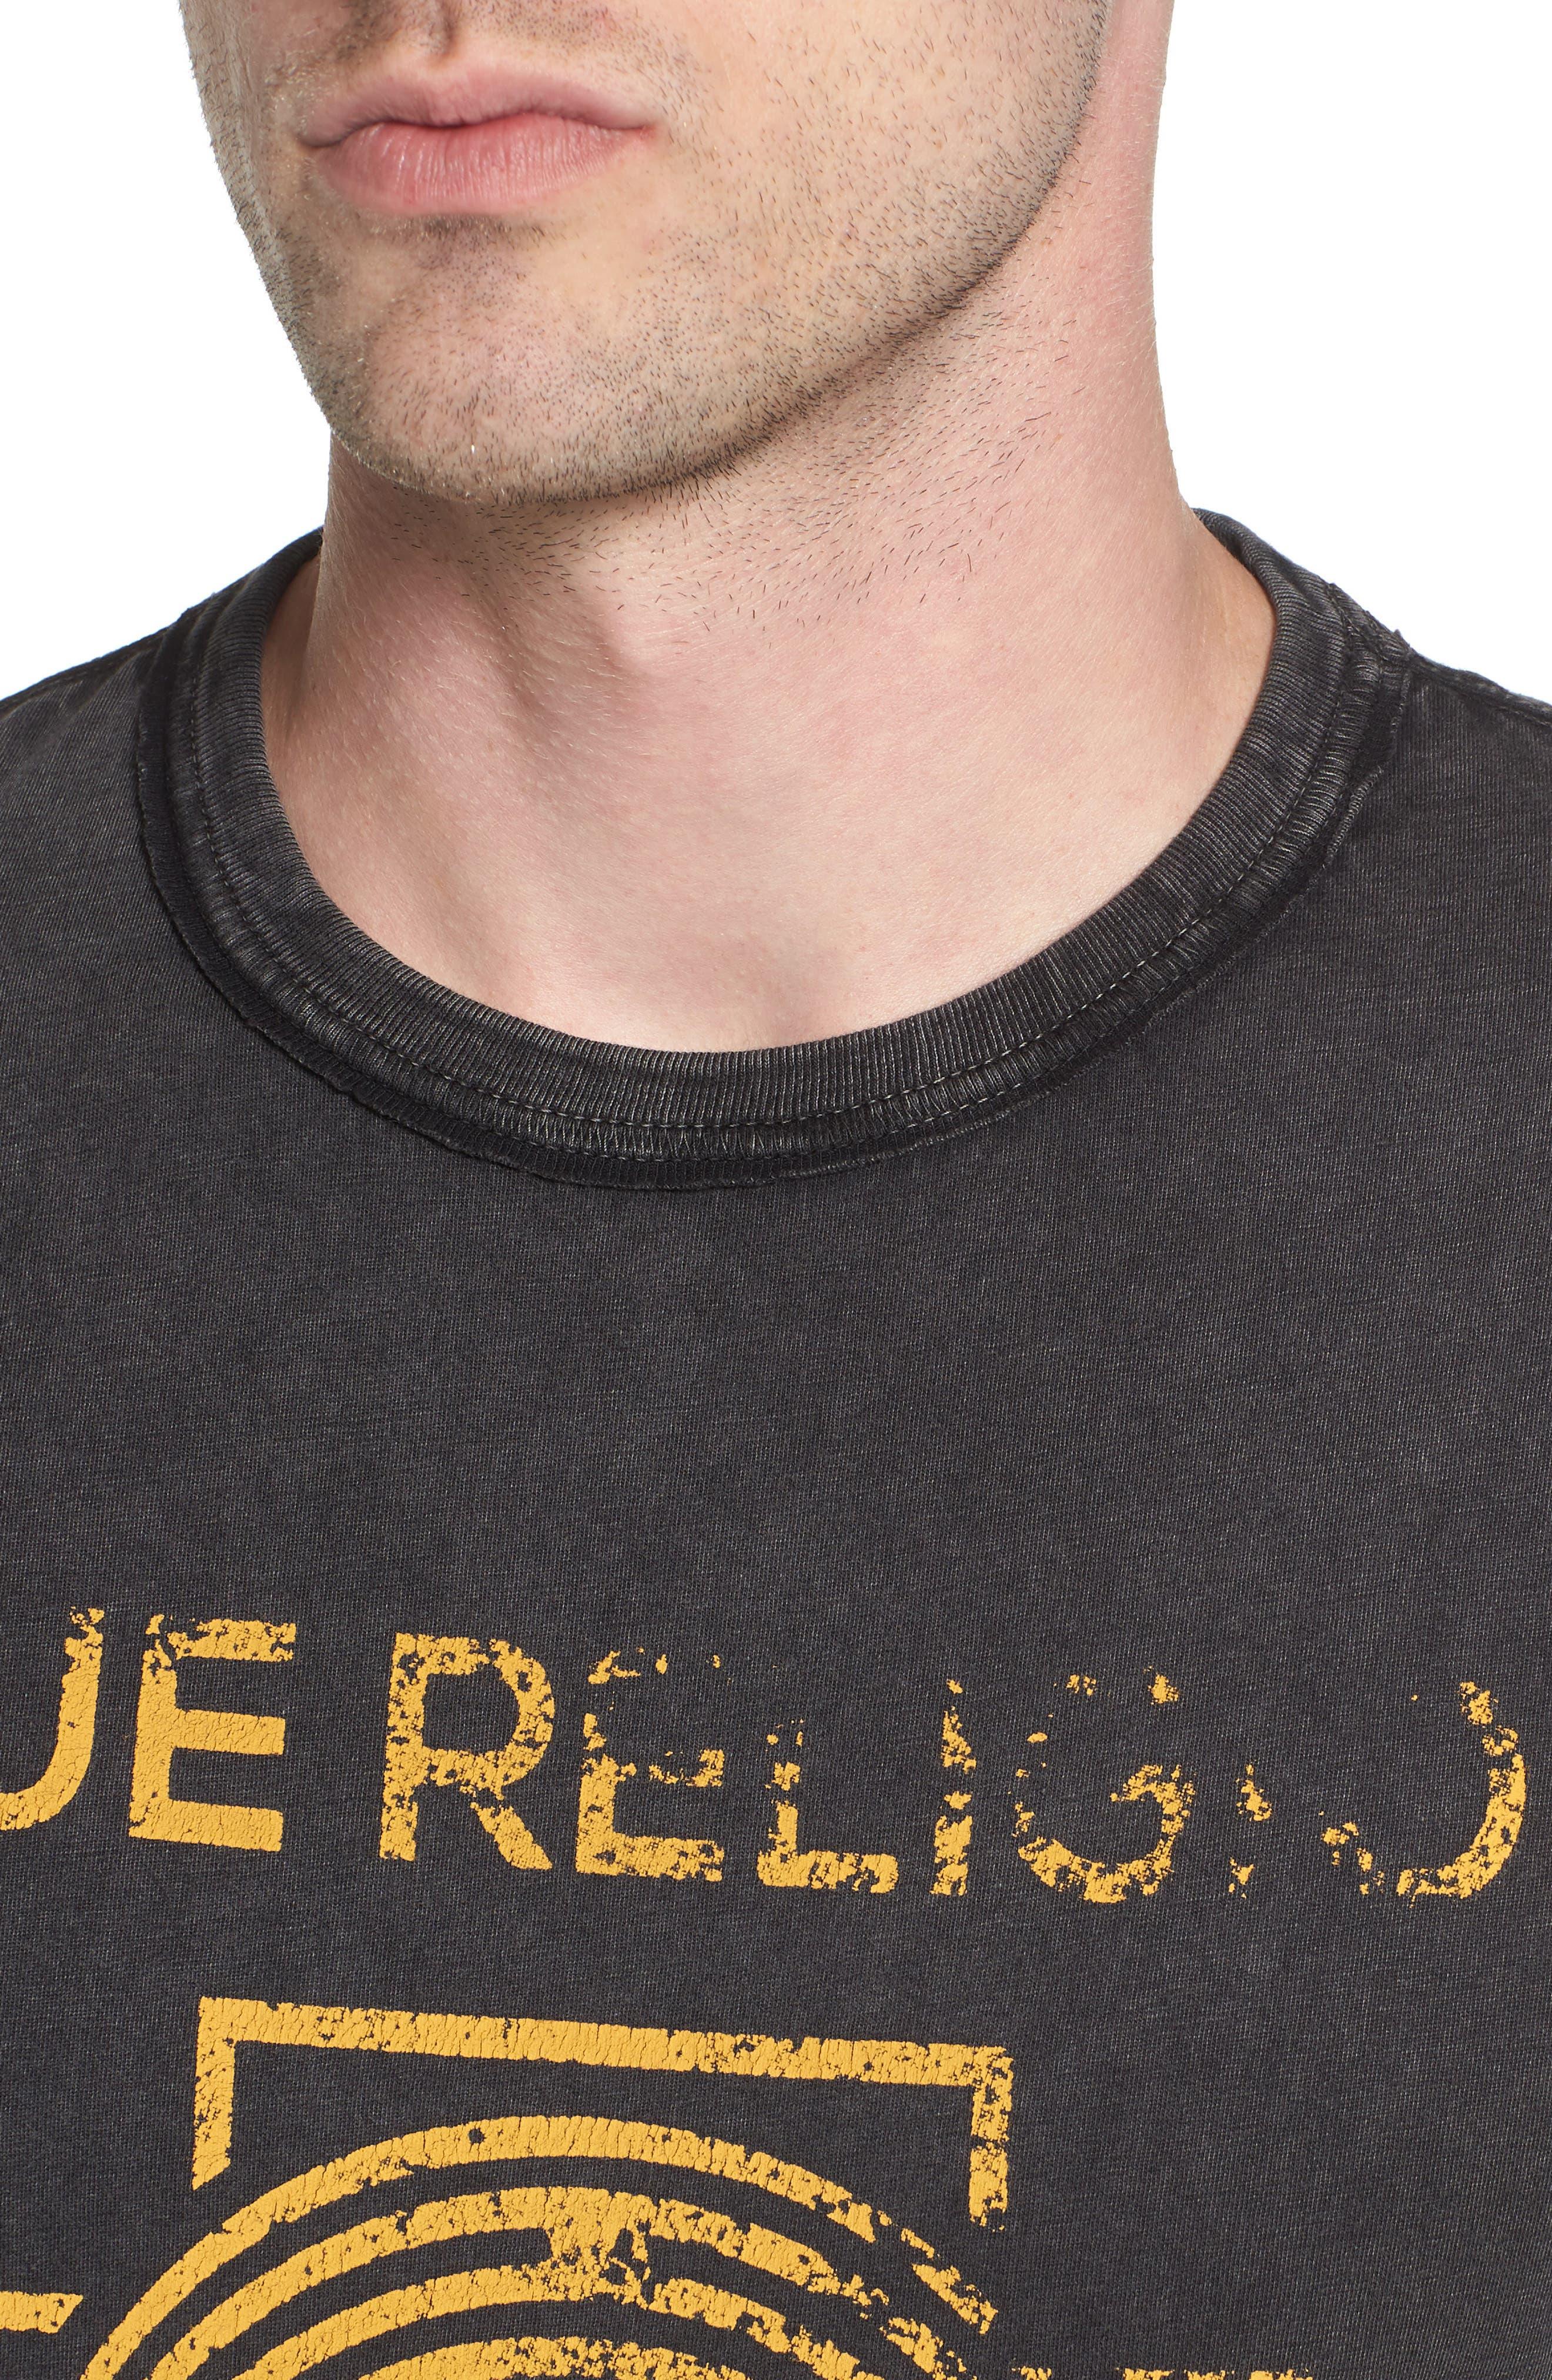 Dizzy Tour T-Shirt,                             Alternate thumbnail 4, color,                             001